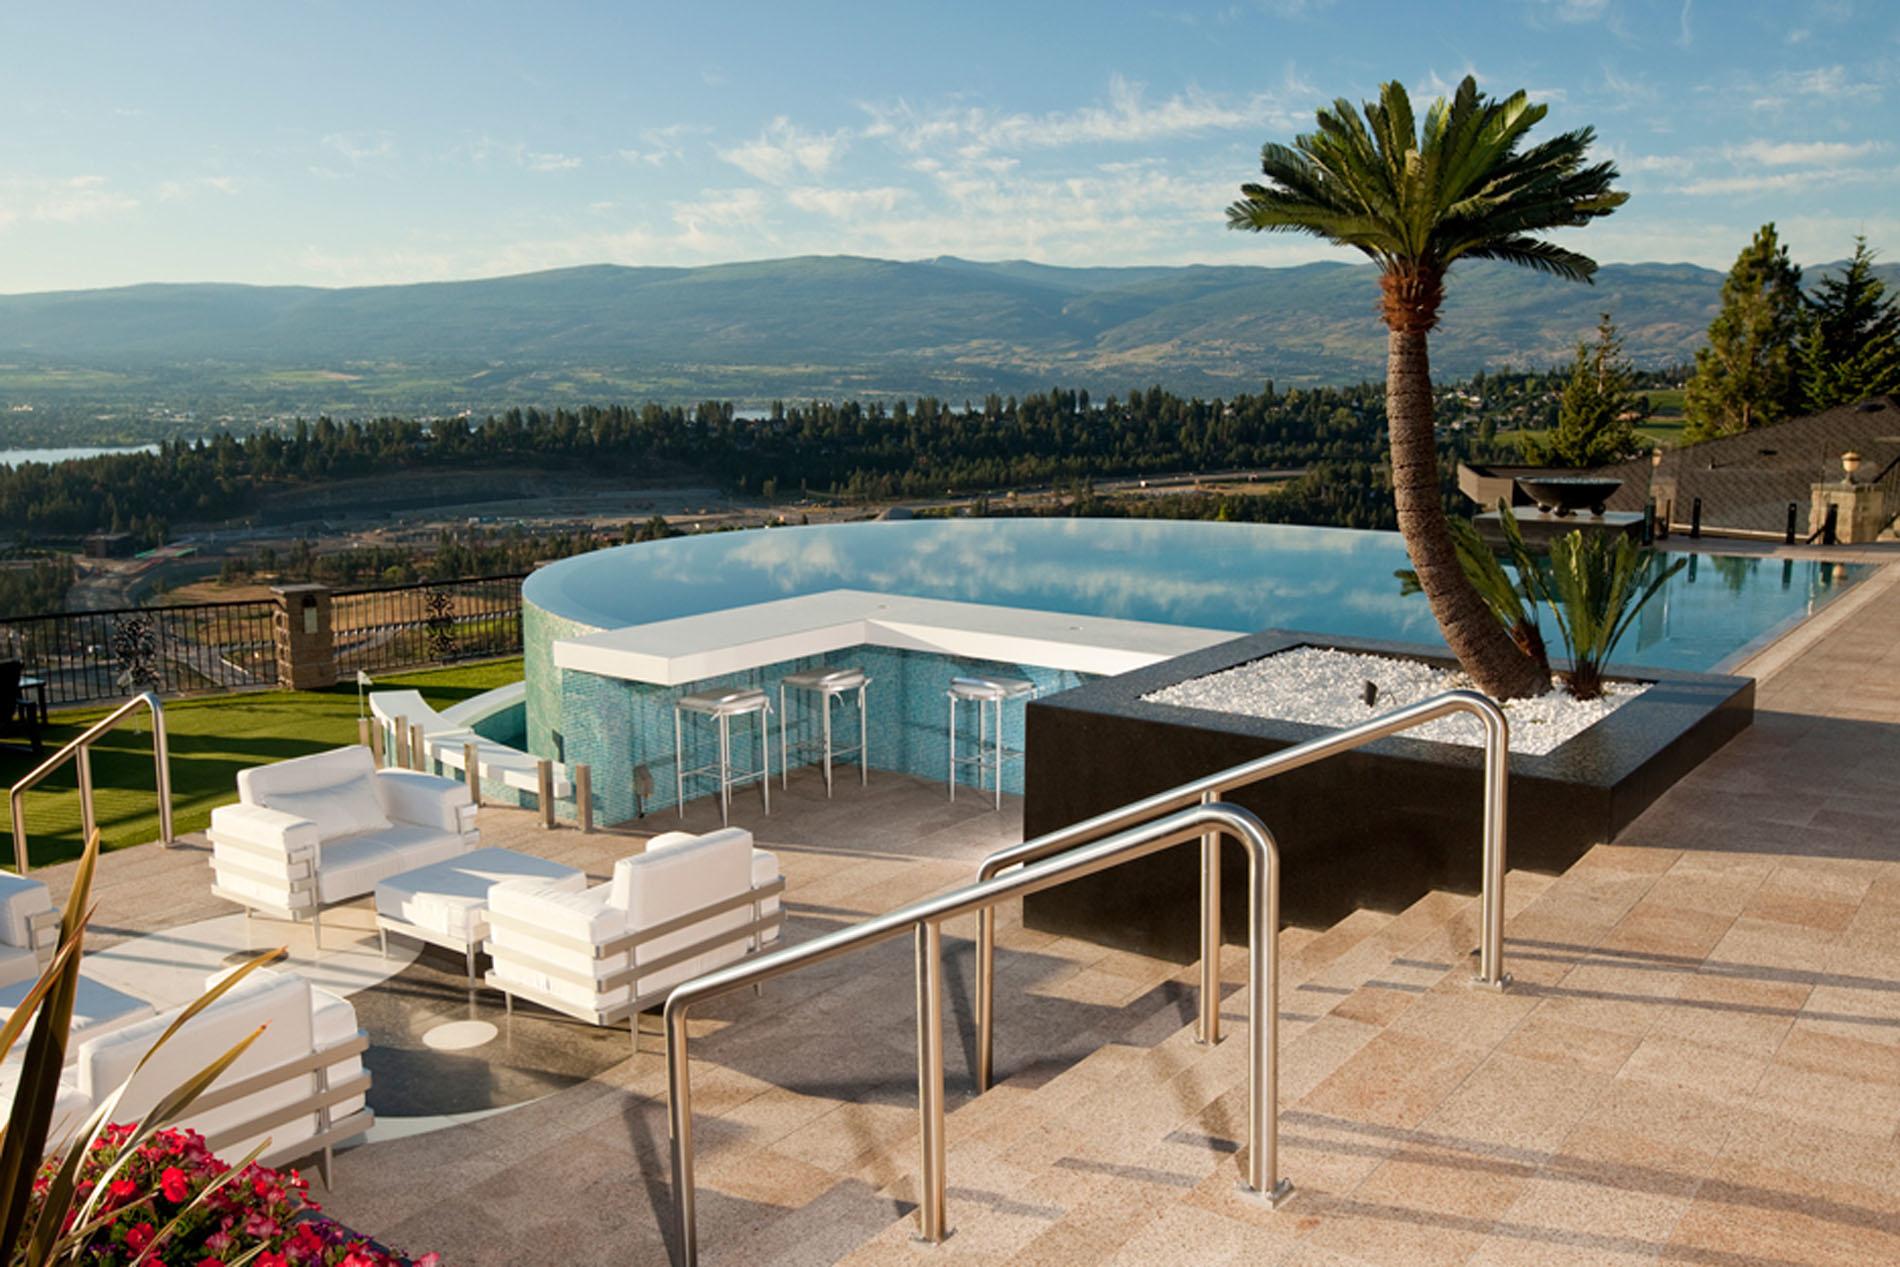 Valley Pool & Spa in Kelowna